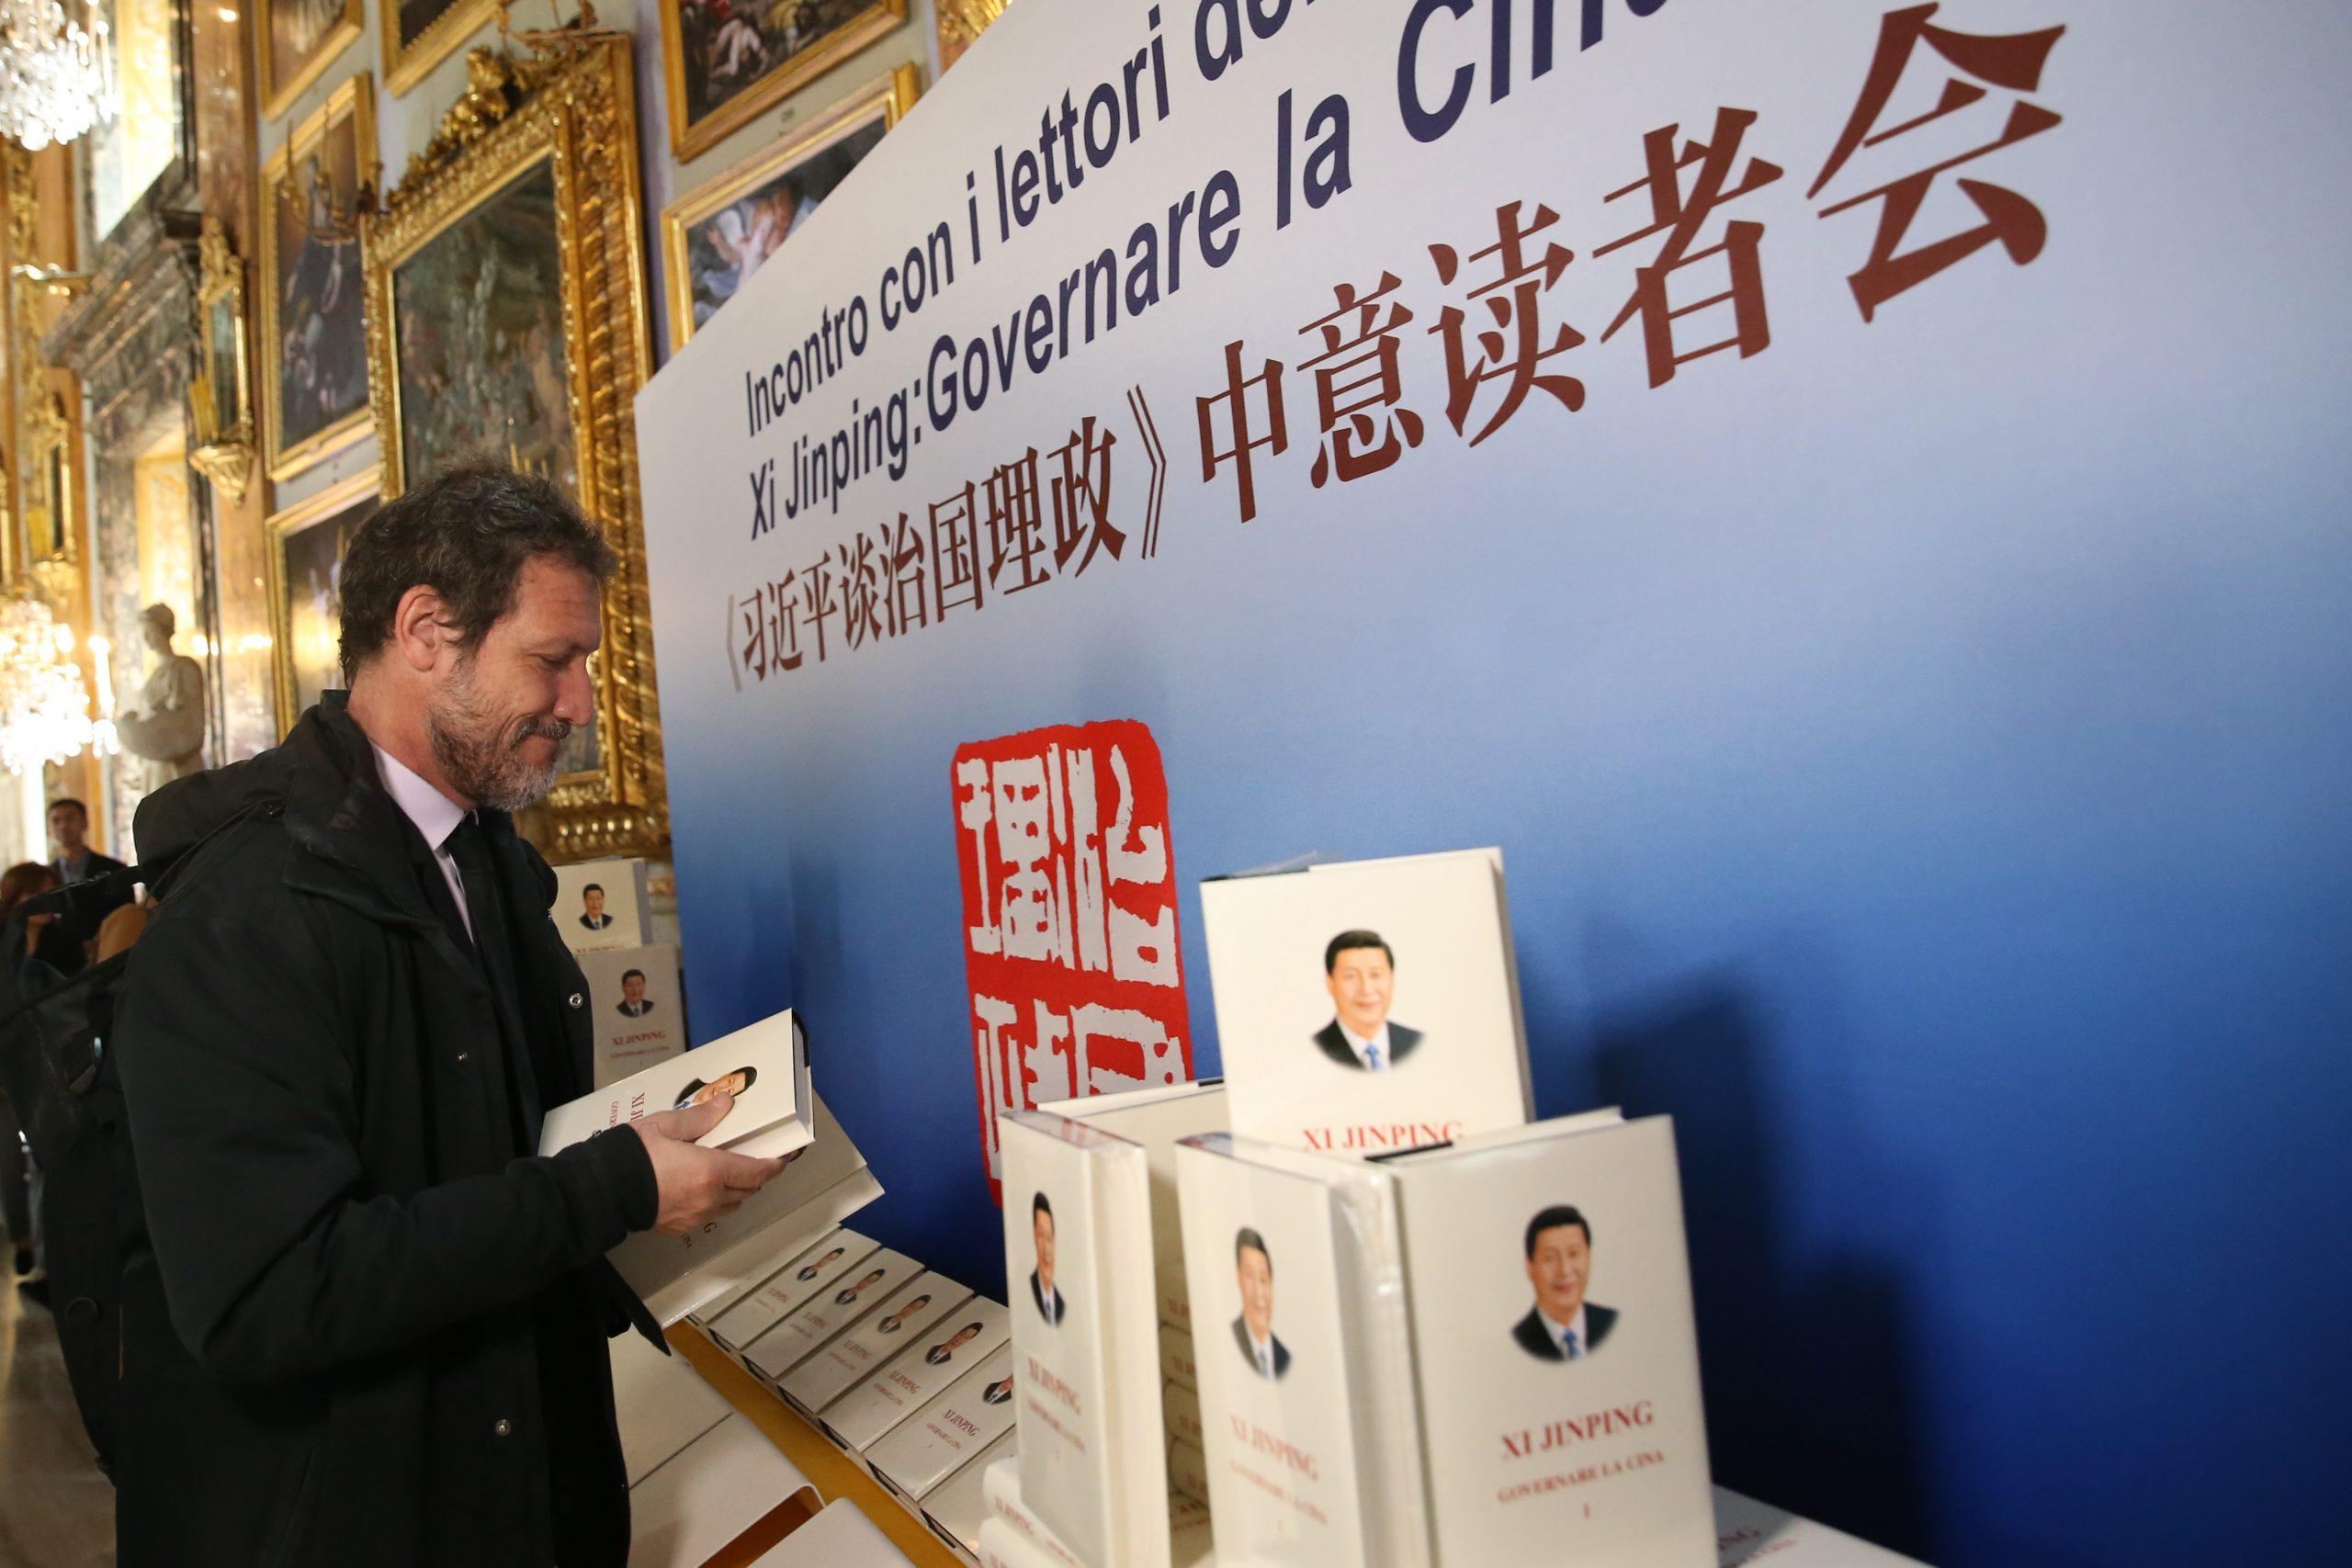 Editoriales de 17 países traducirán y publicarán un libro de Xi sobre gobernanza